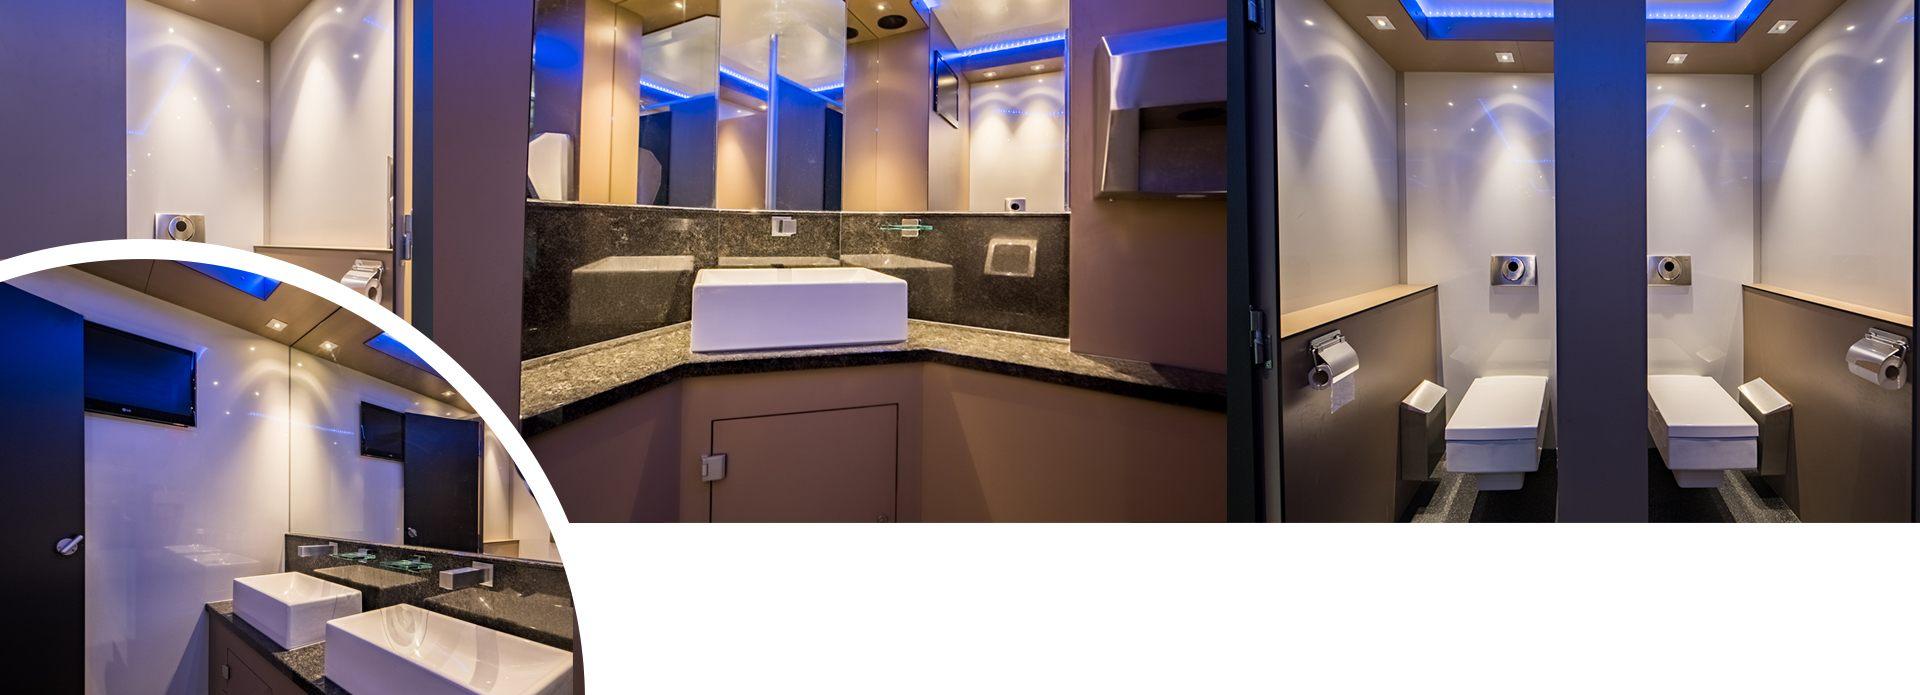 Luxe toiletwagen huren binnenkant